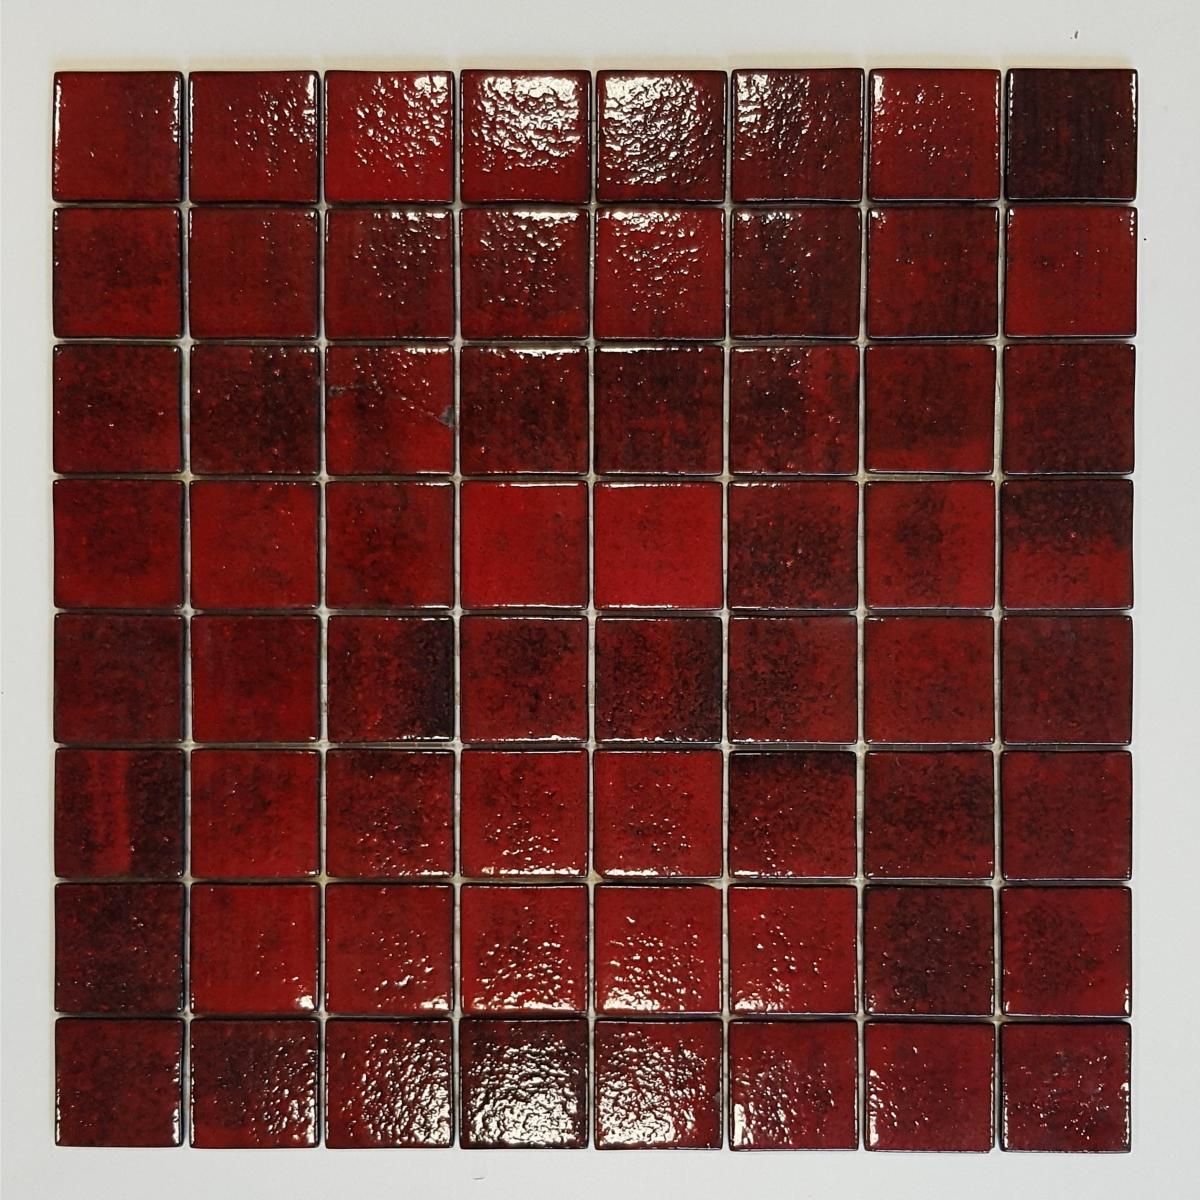 Mosaique Carrelage Rouge Lave 4 Cm Par Plaque Achat Mosaique Carrelage Salle De Bain